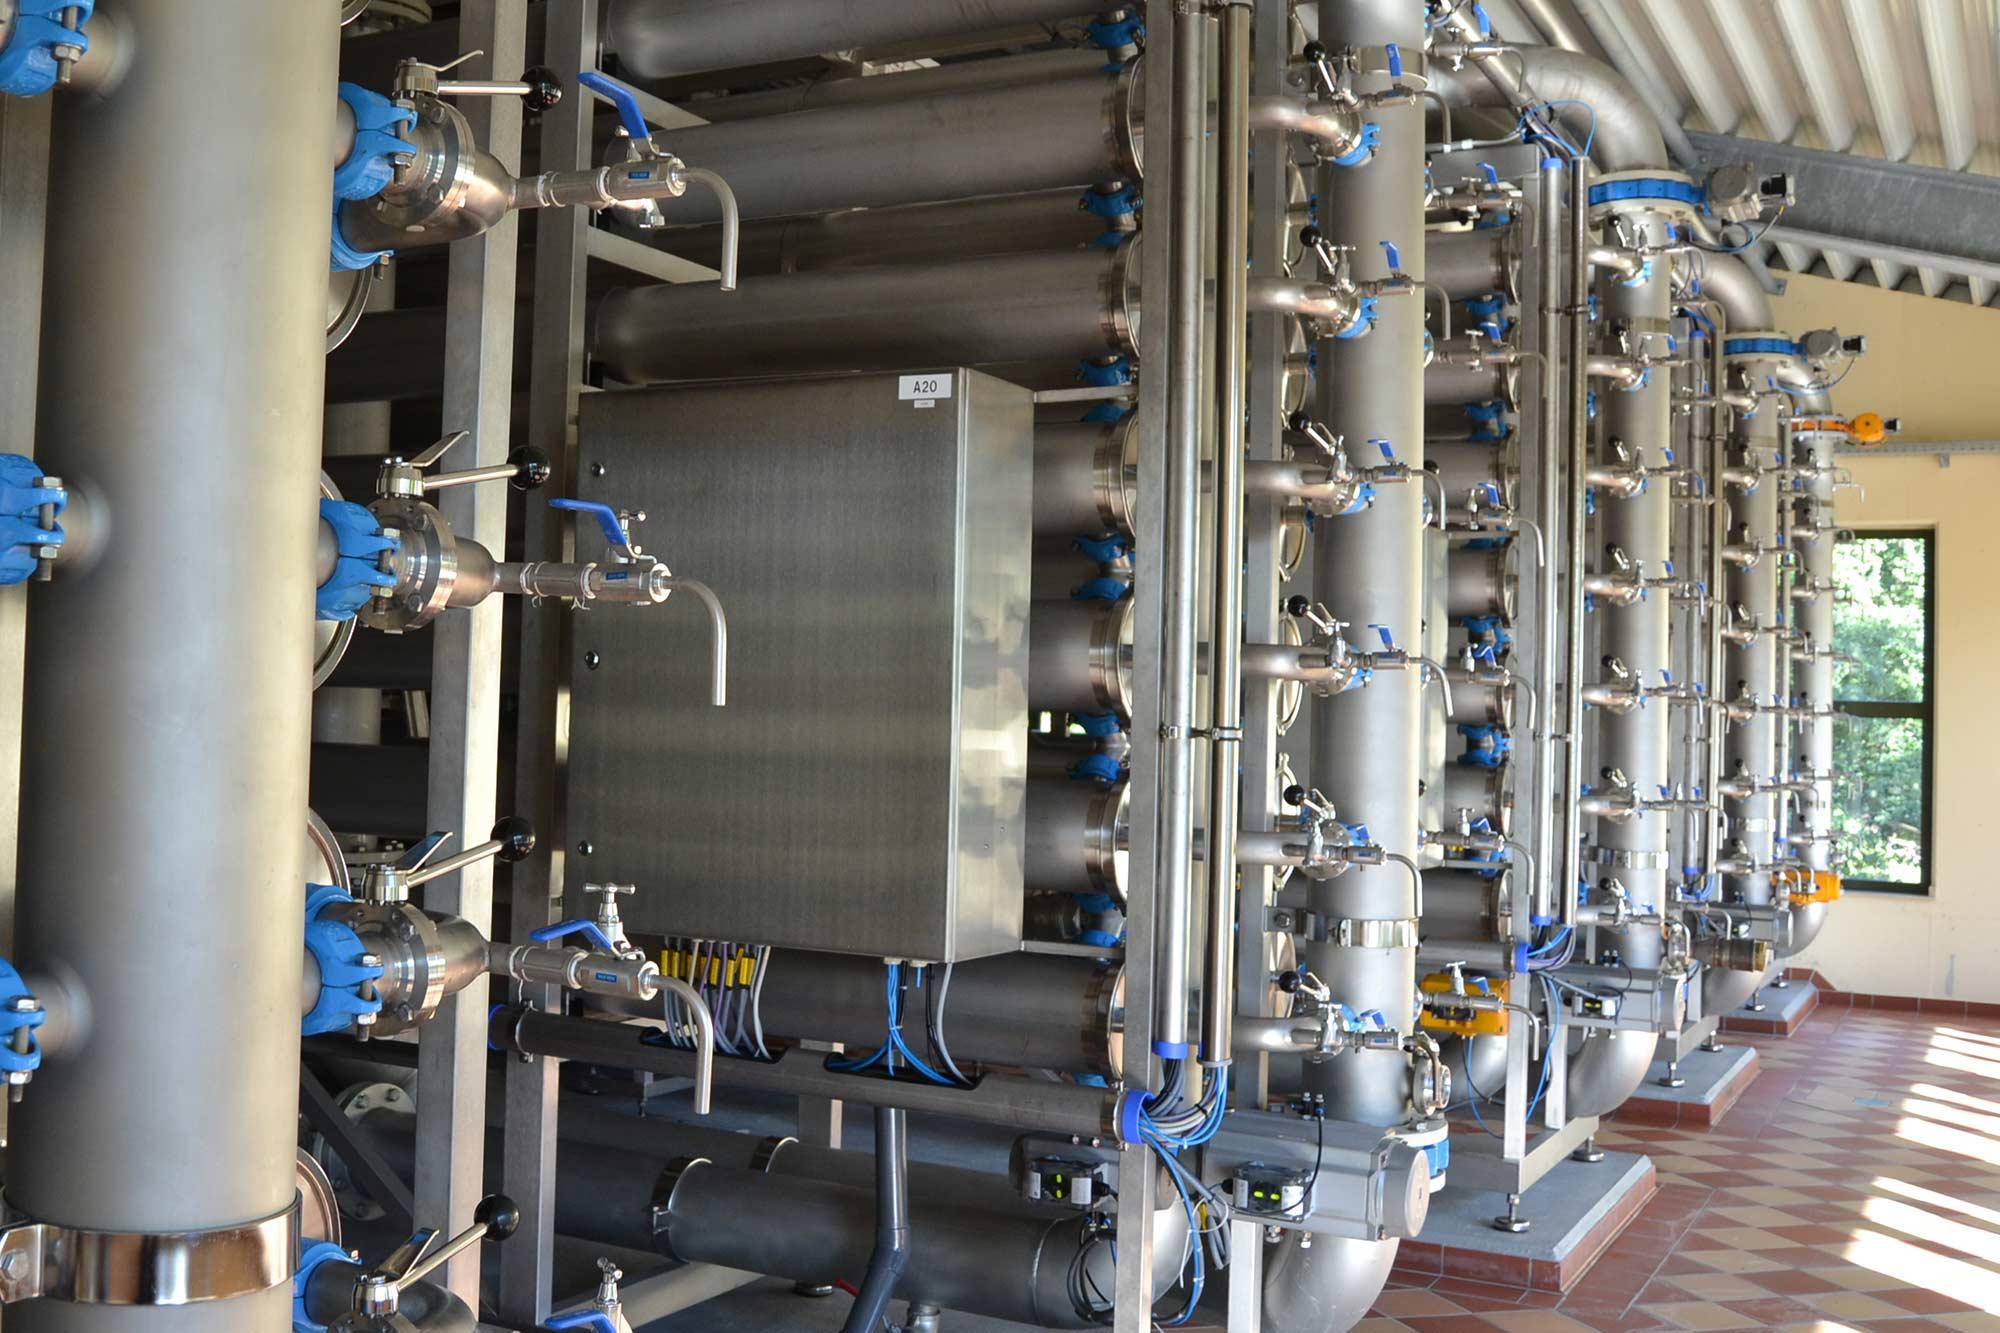 Wasserverband Oleftal Aufbereitung